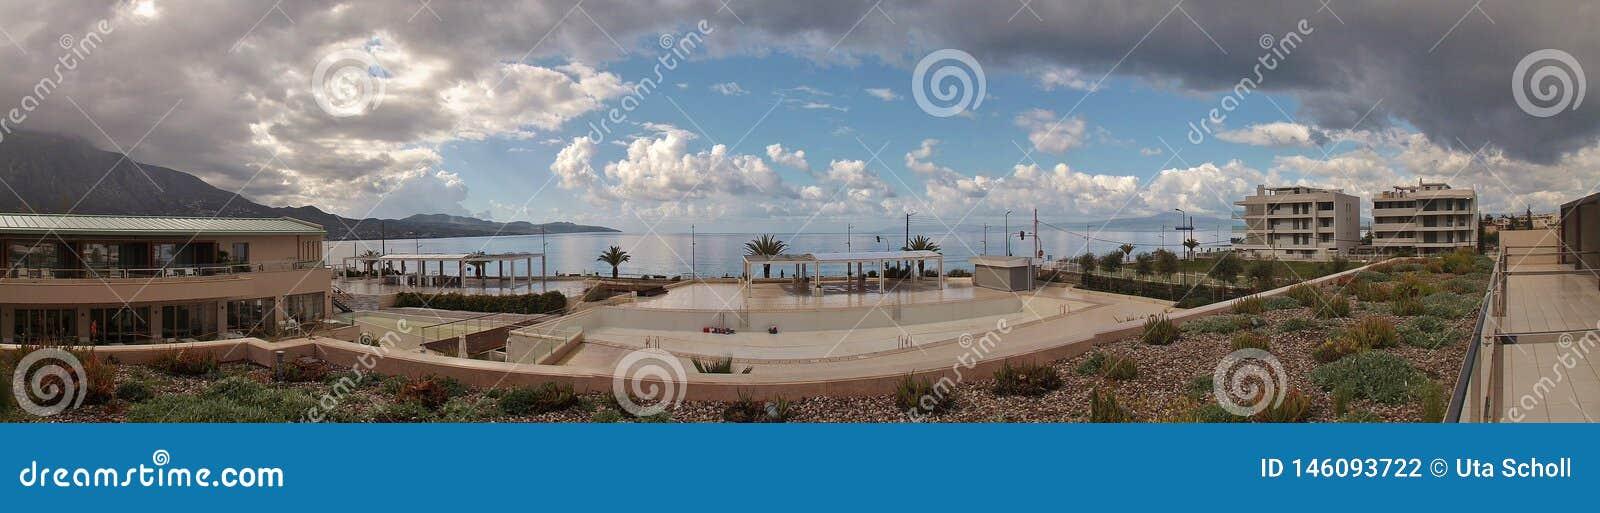 Imagen del panorama de la bahía de Messinian en Kalamata, Peloponeso, Grecia, Europa